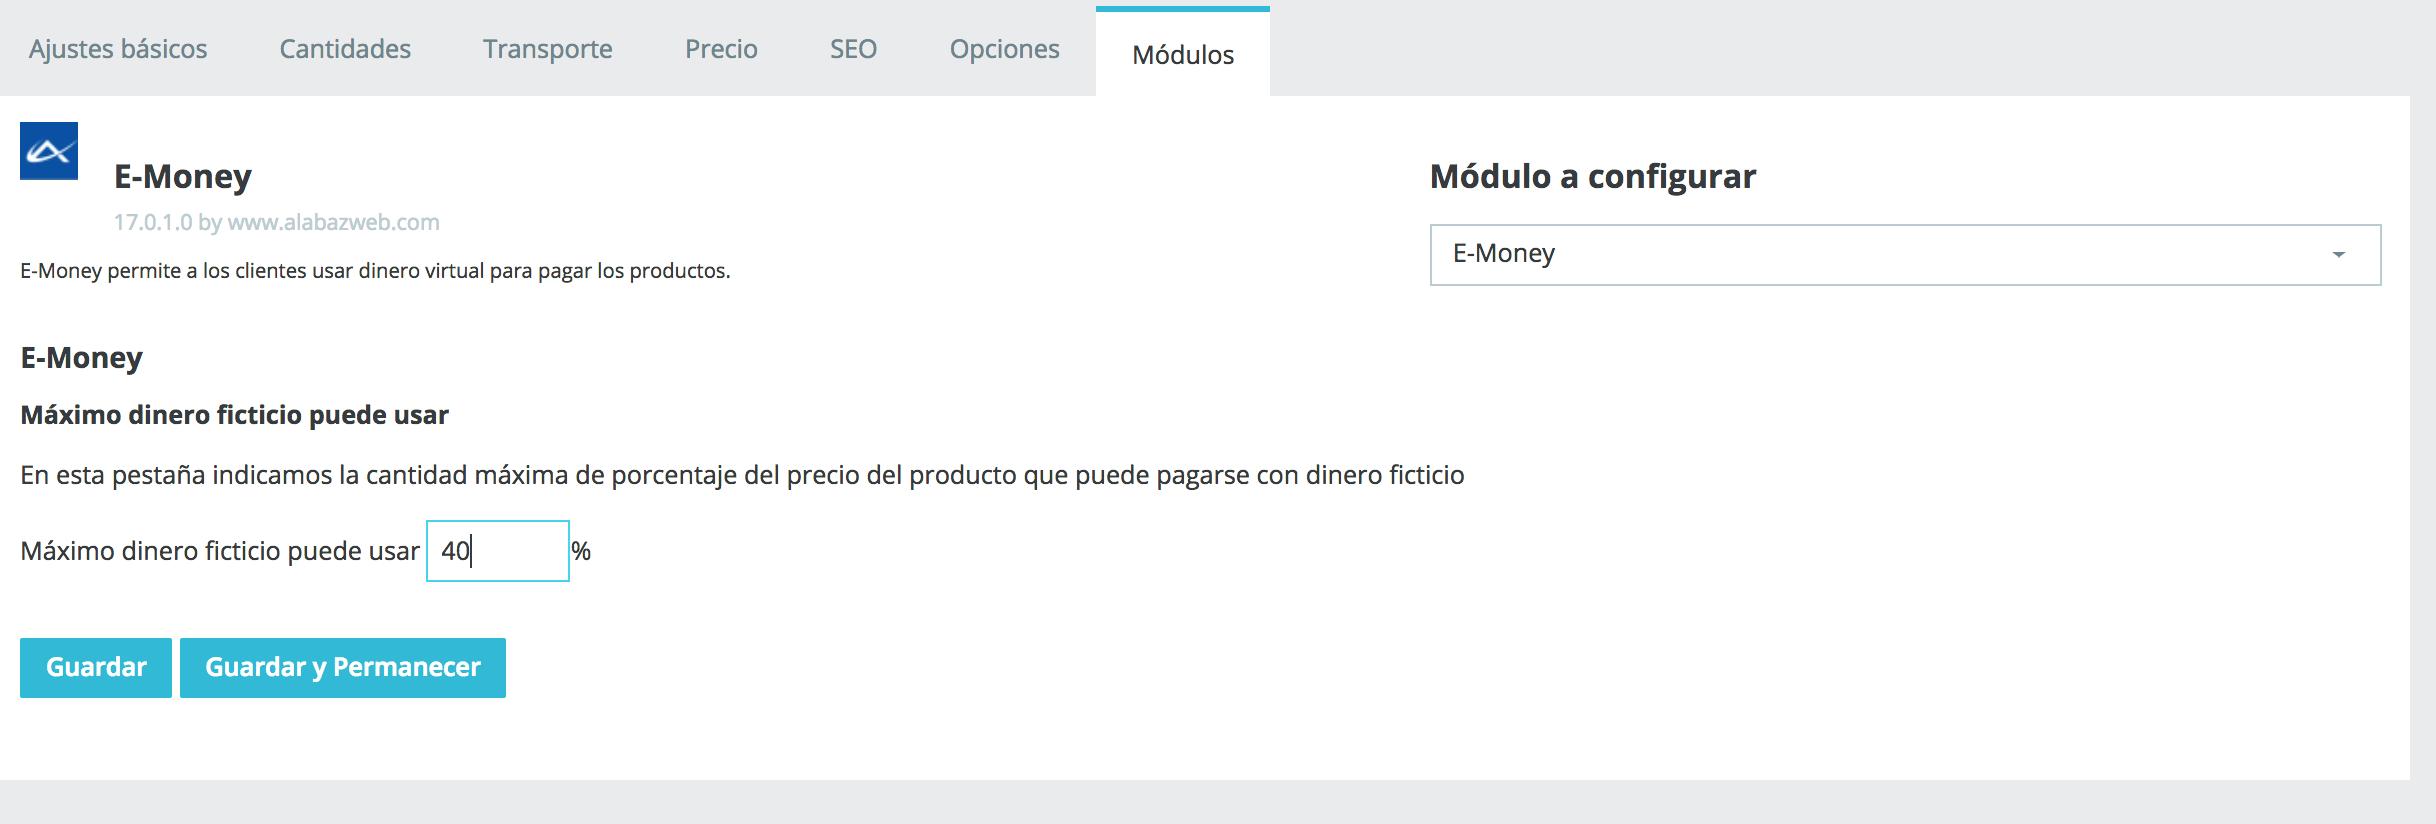 configura el modulo emoney desde la pagina de producto